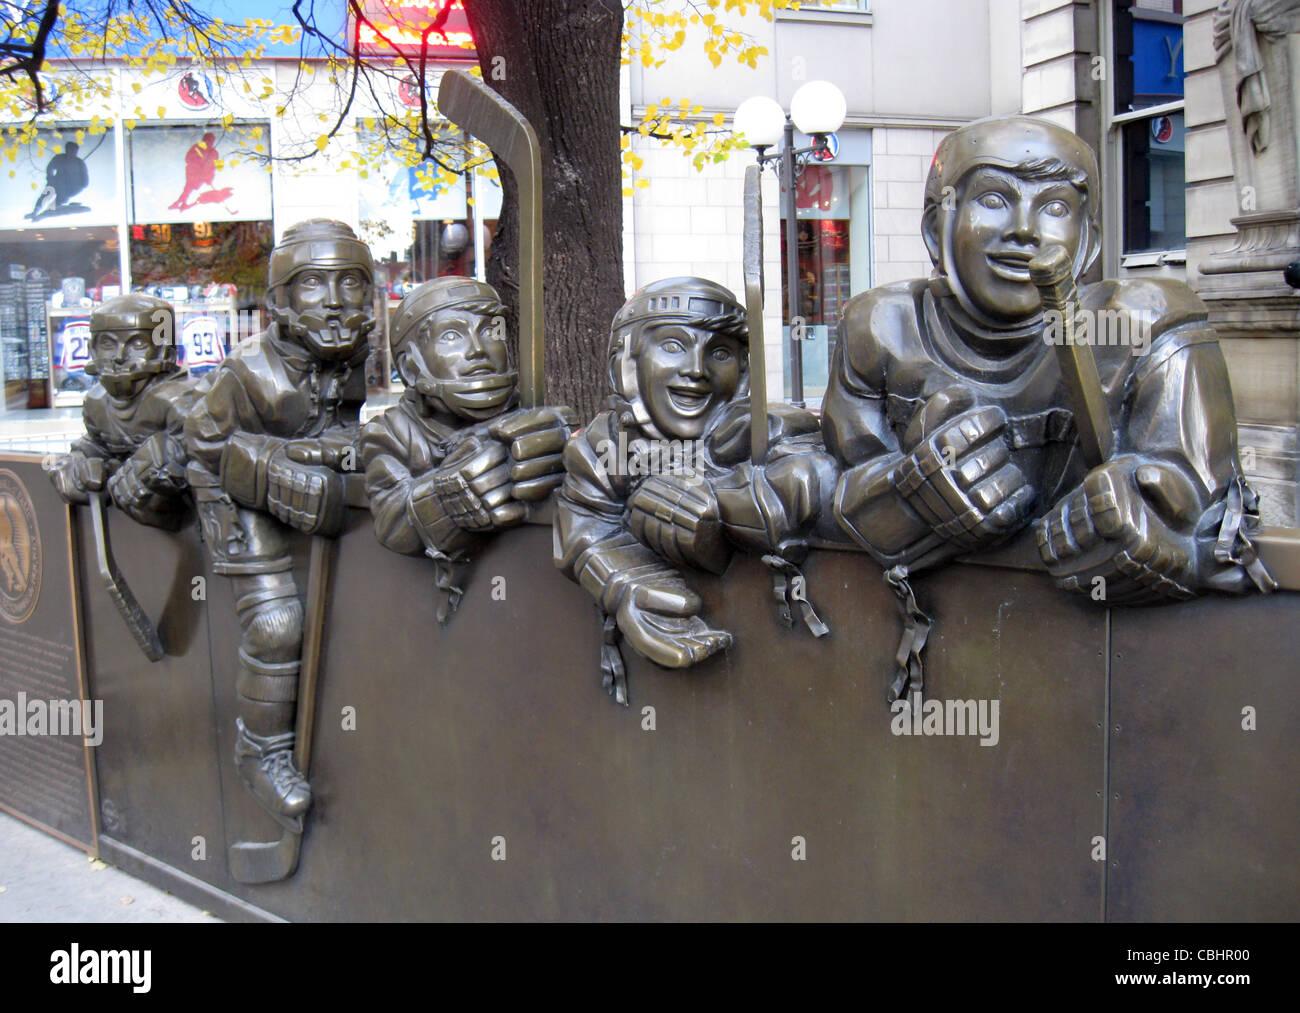 HOCKEY HALL OF FAME di Toronto. La scultura di giocatori al di fuori del museo. Foto Tony Gale Immagini Stock